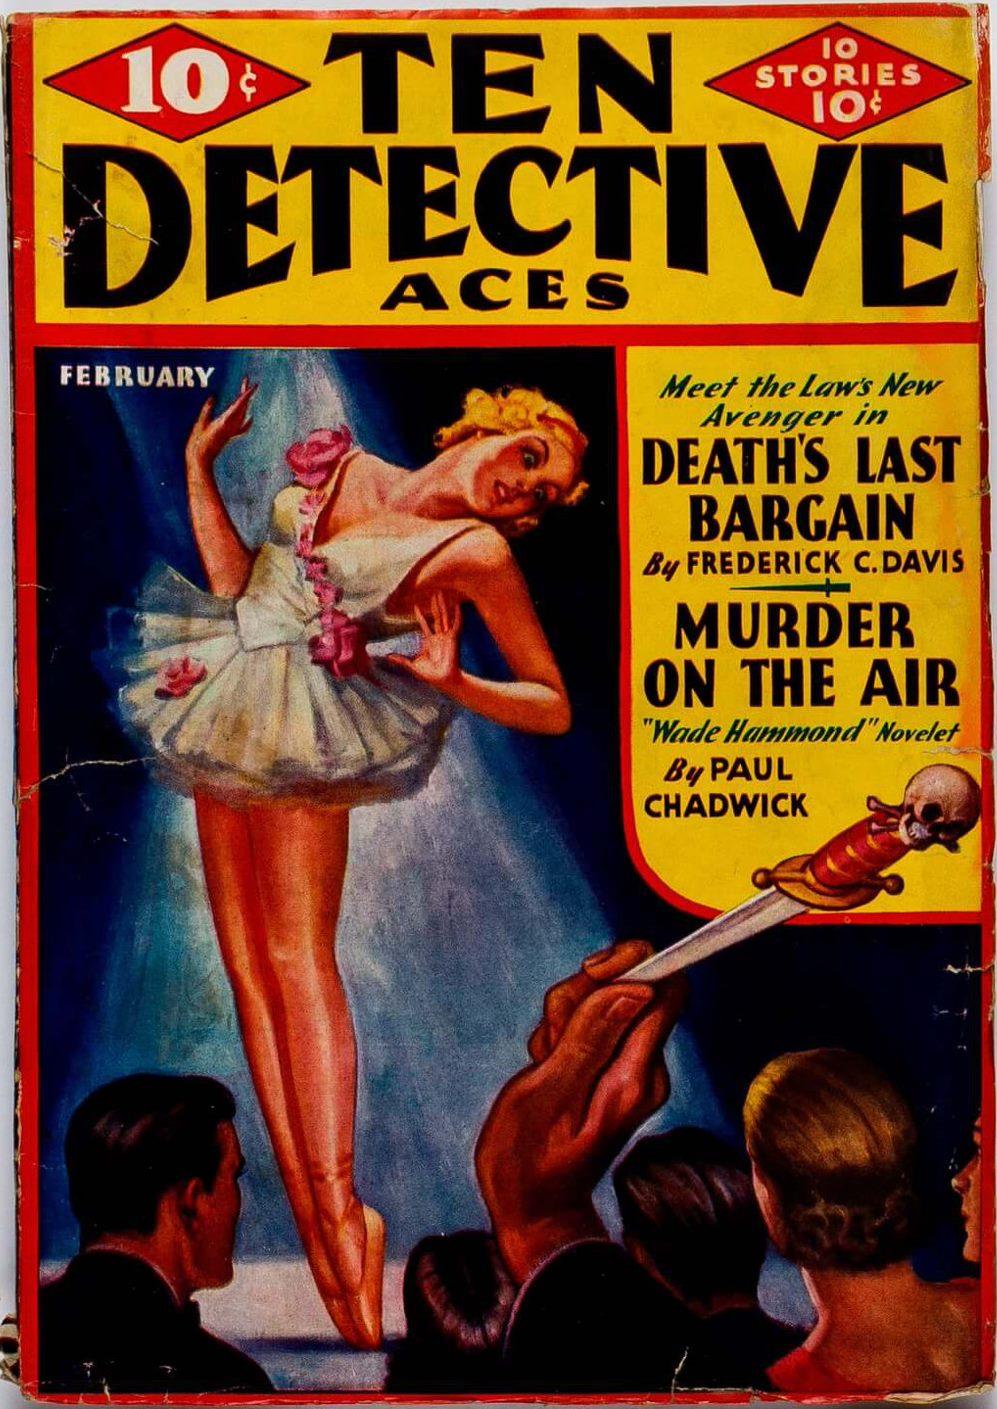 Ten Detective Aces February 1936